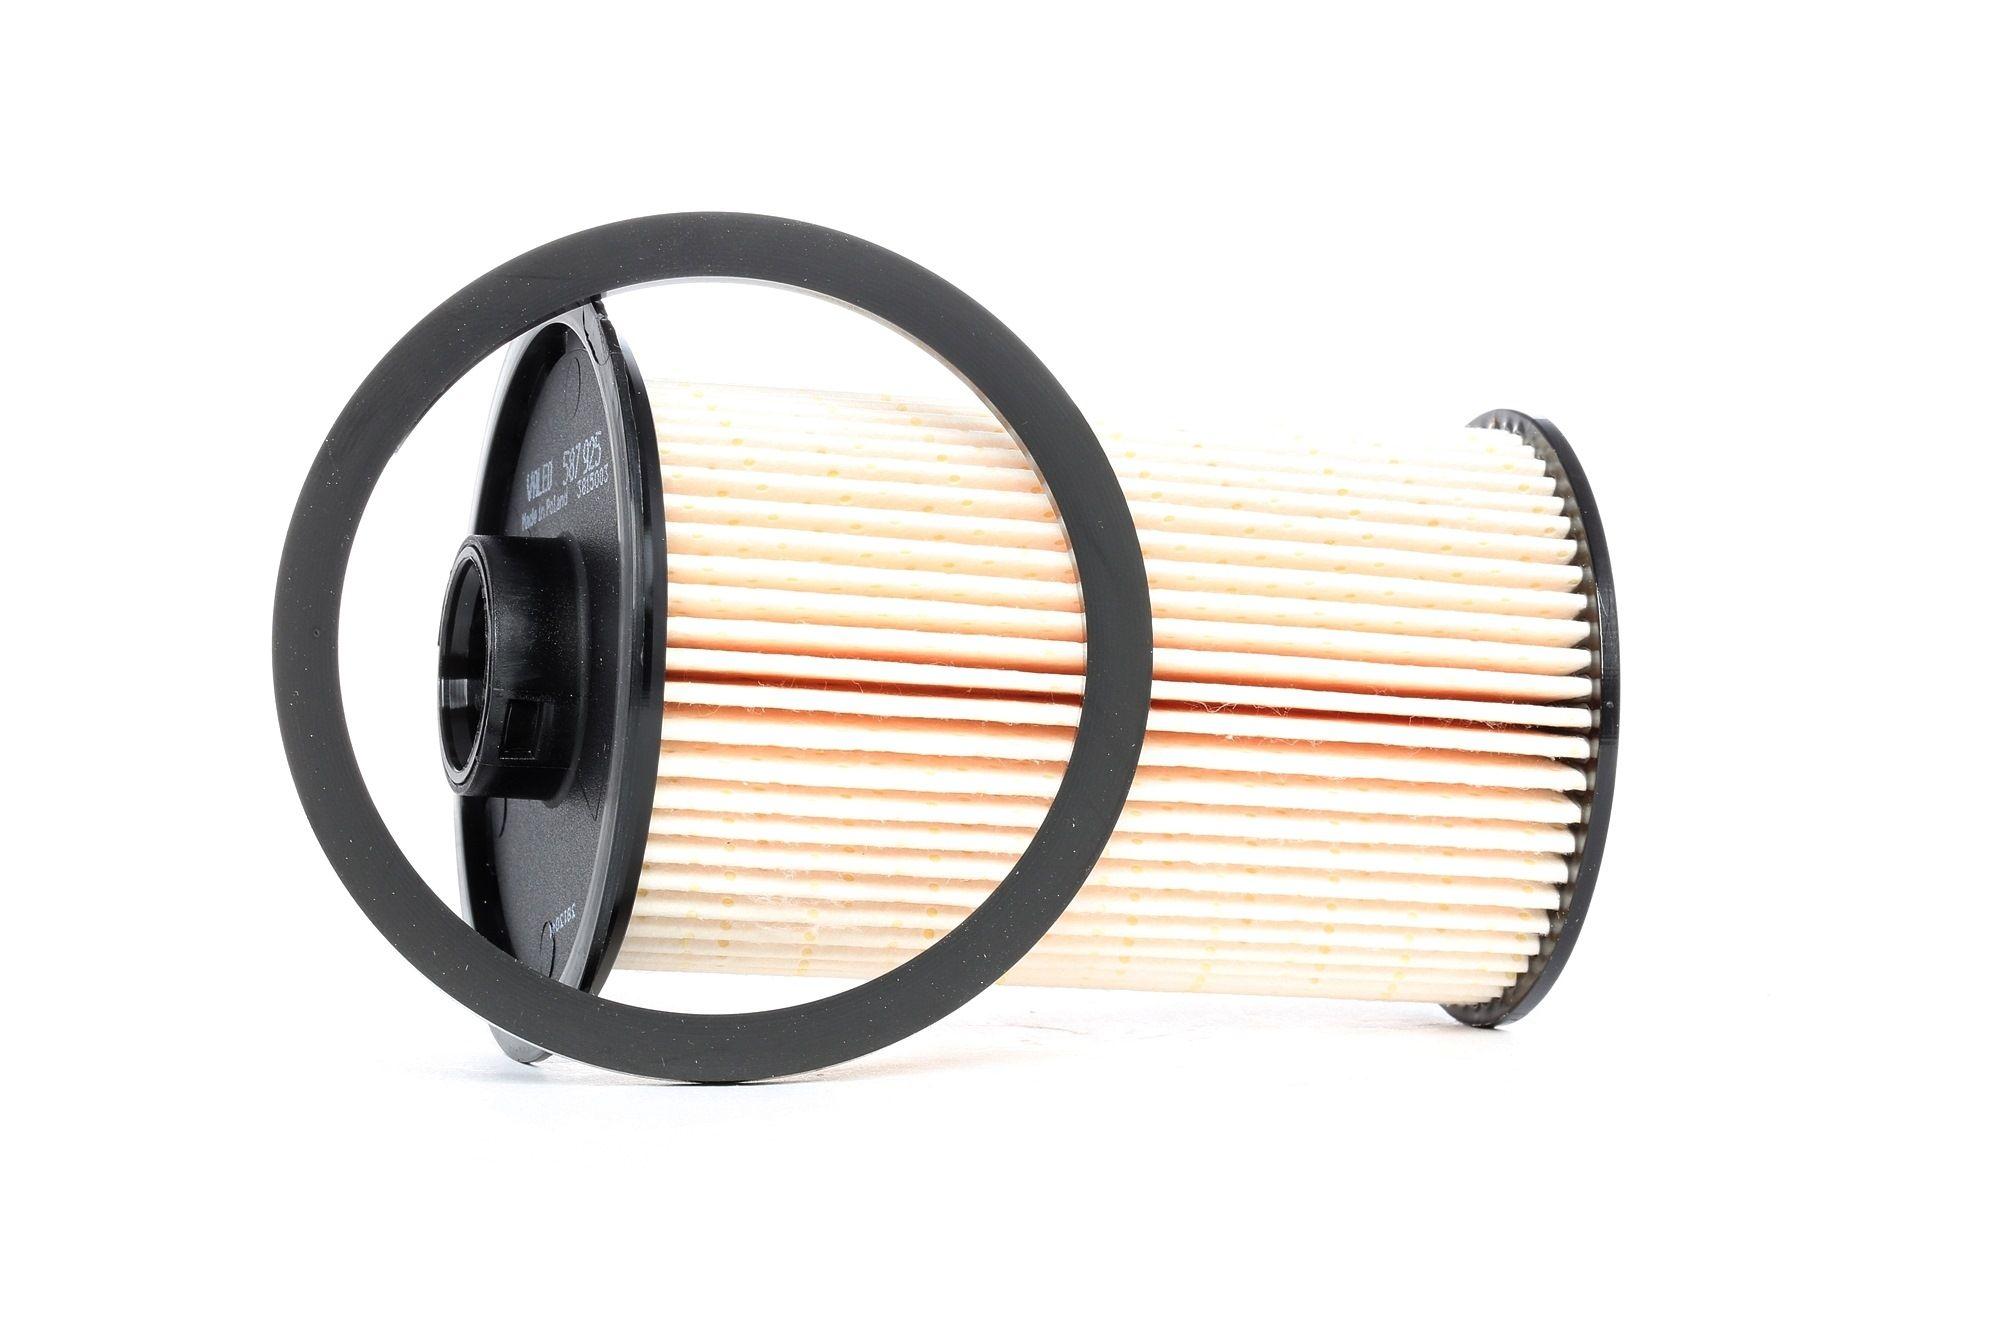 Palivový filtr Ford Mondeo ba7 rok 2013 587925